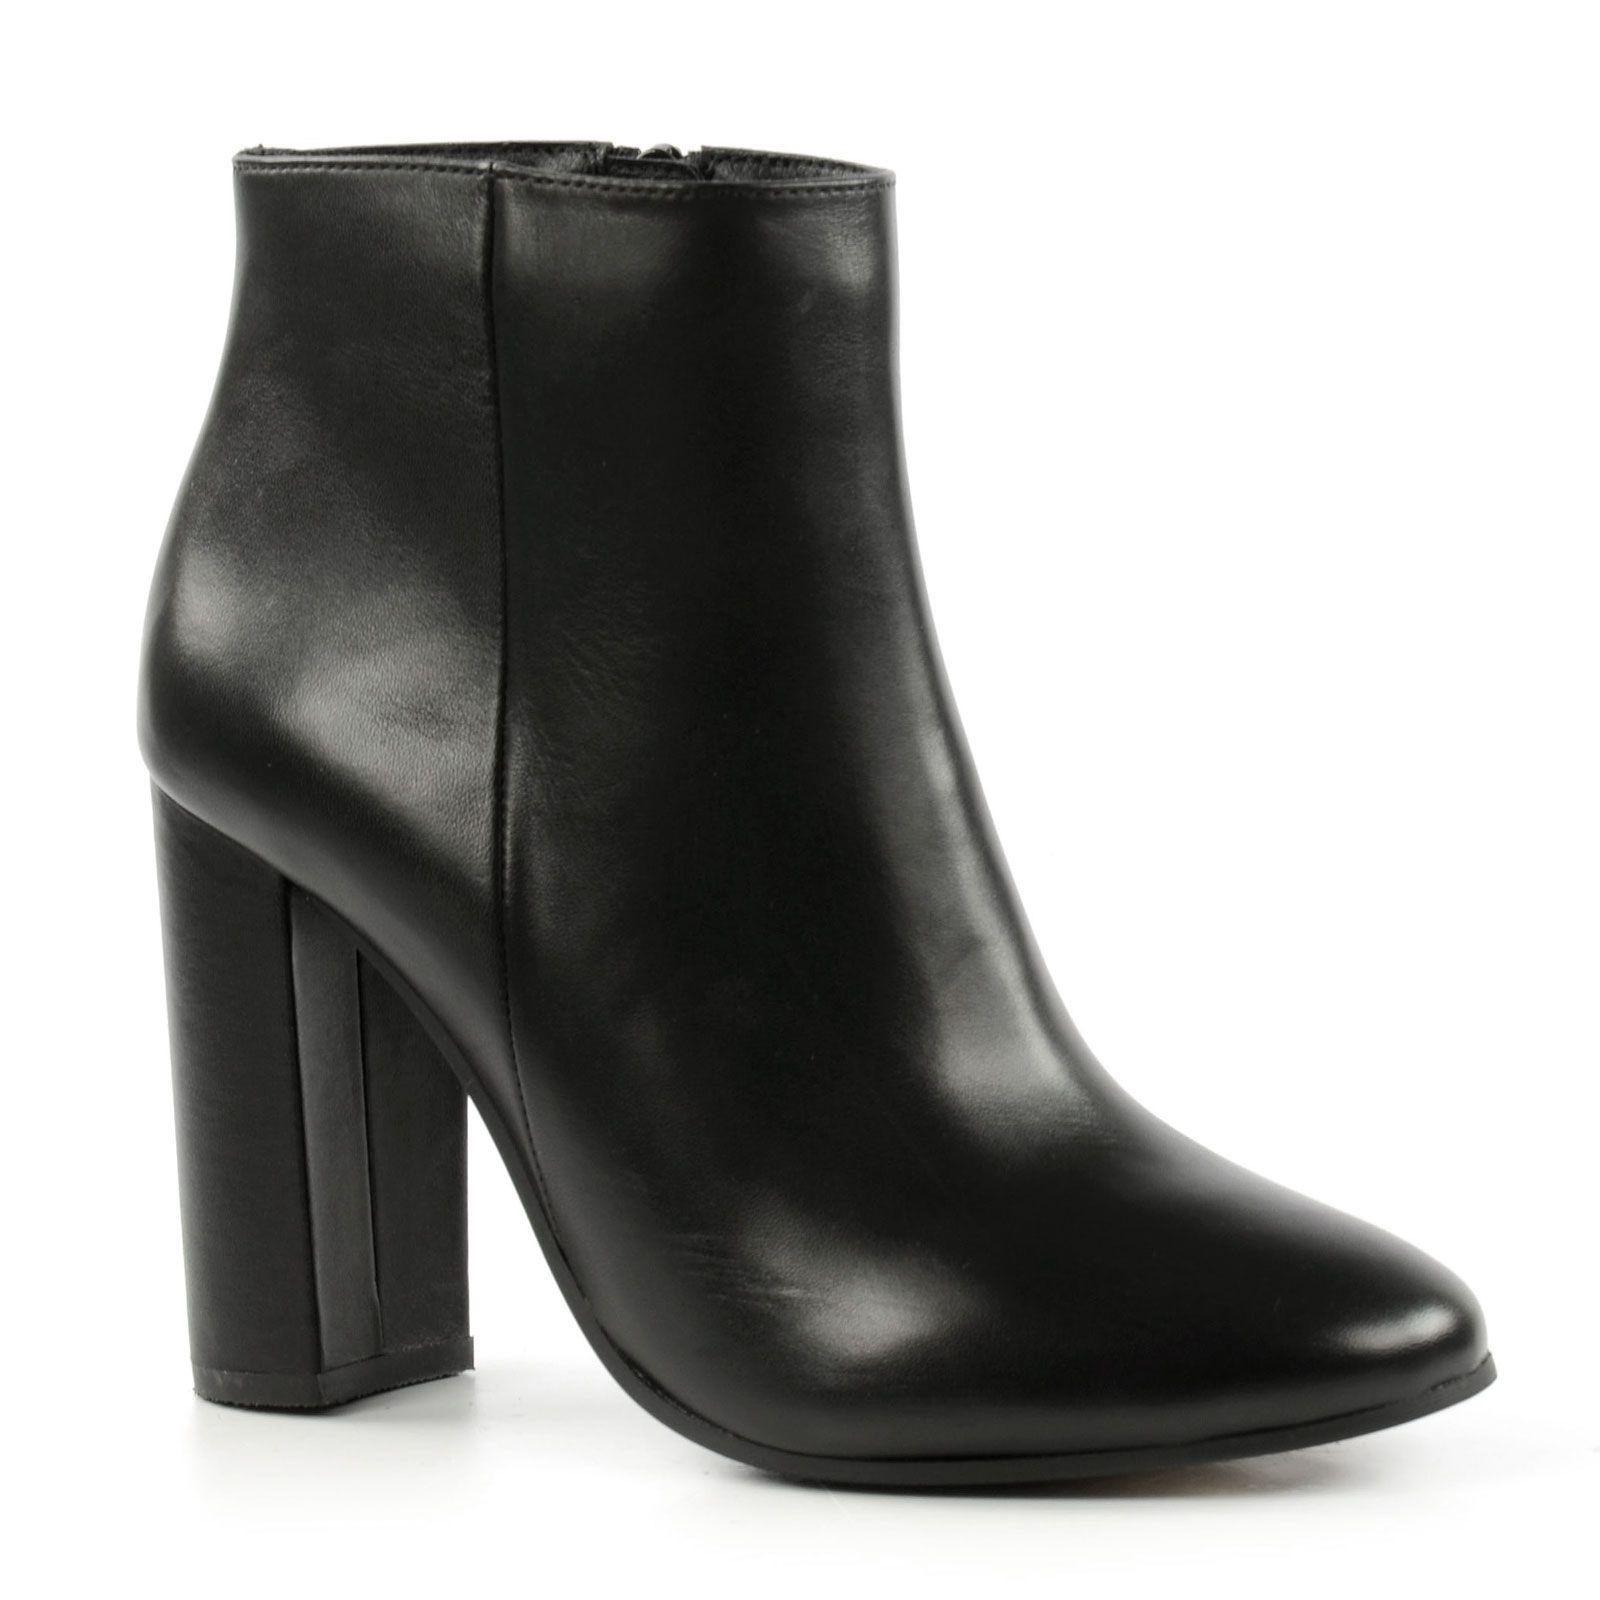 Bottines 70 en cuir noir femmes - Verlicht en cuir noir ...